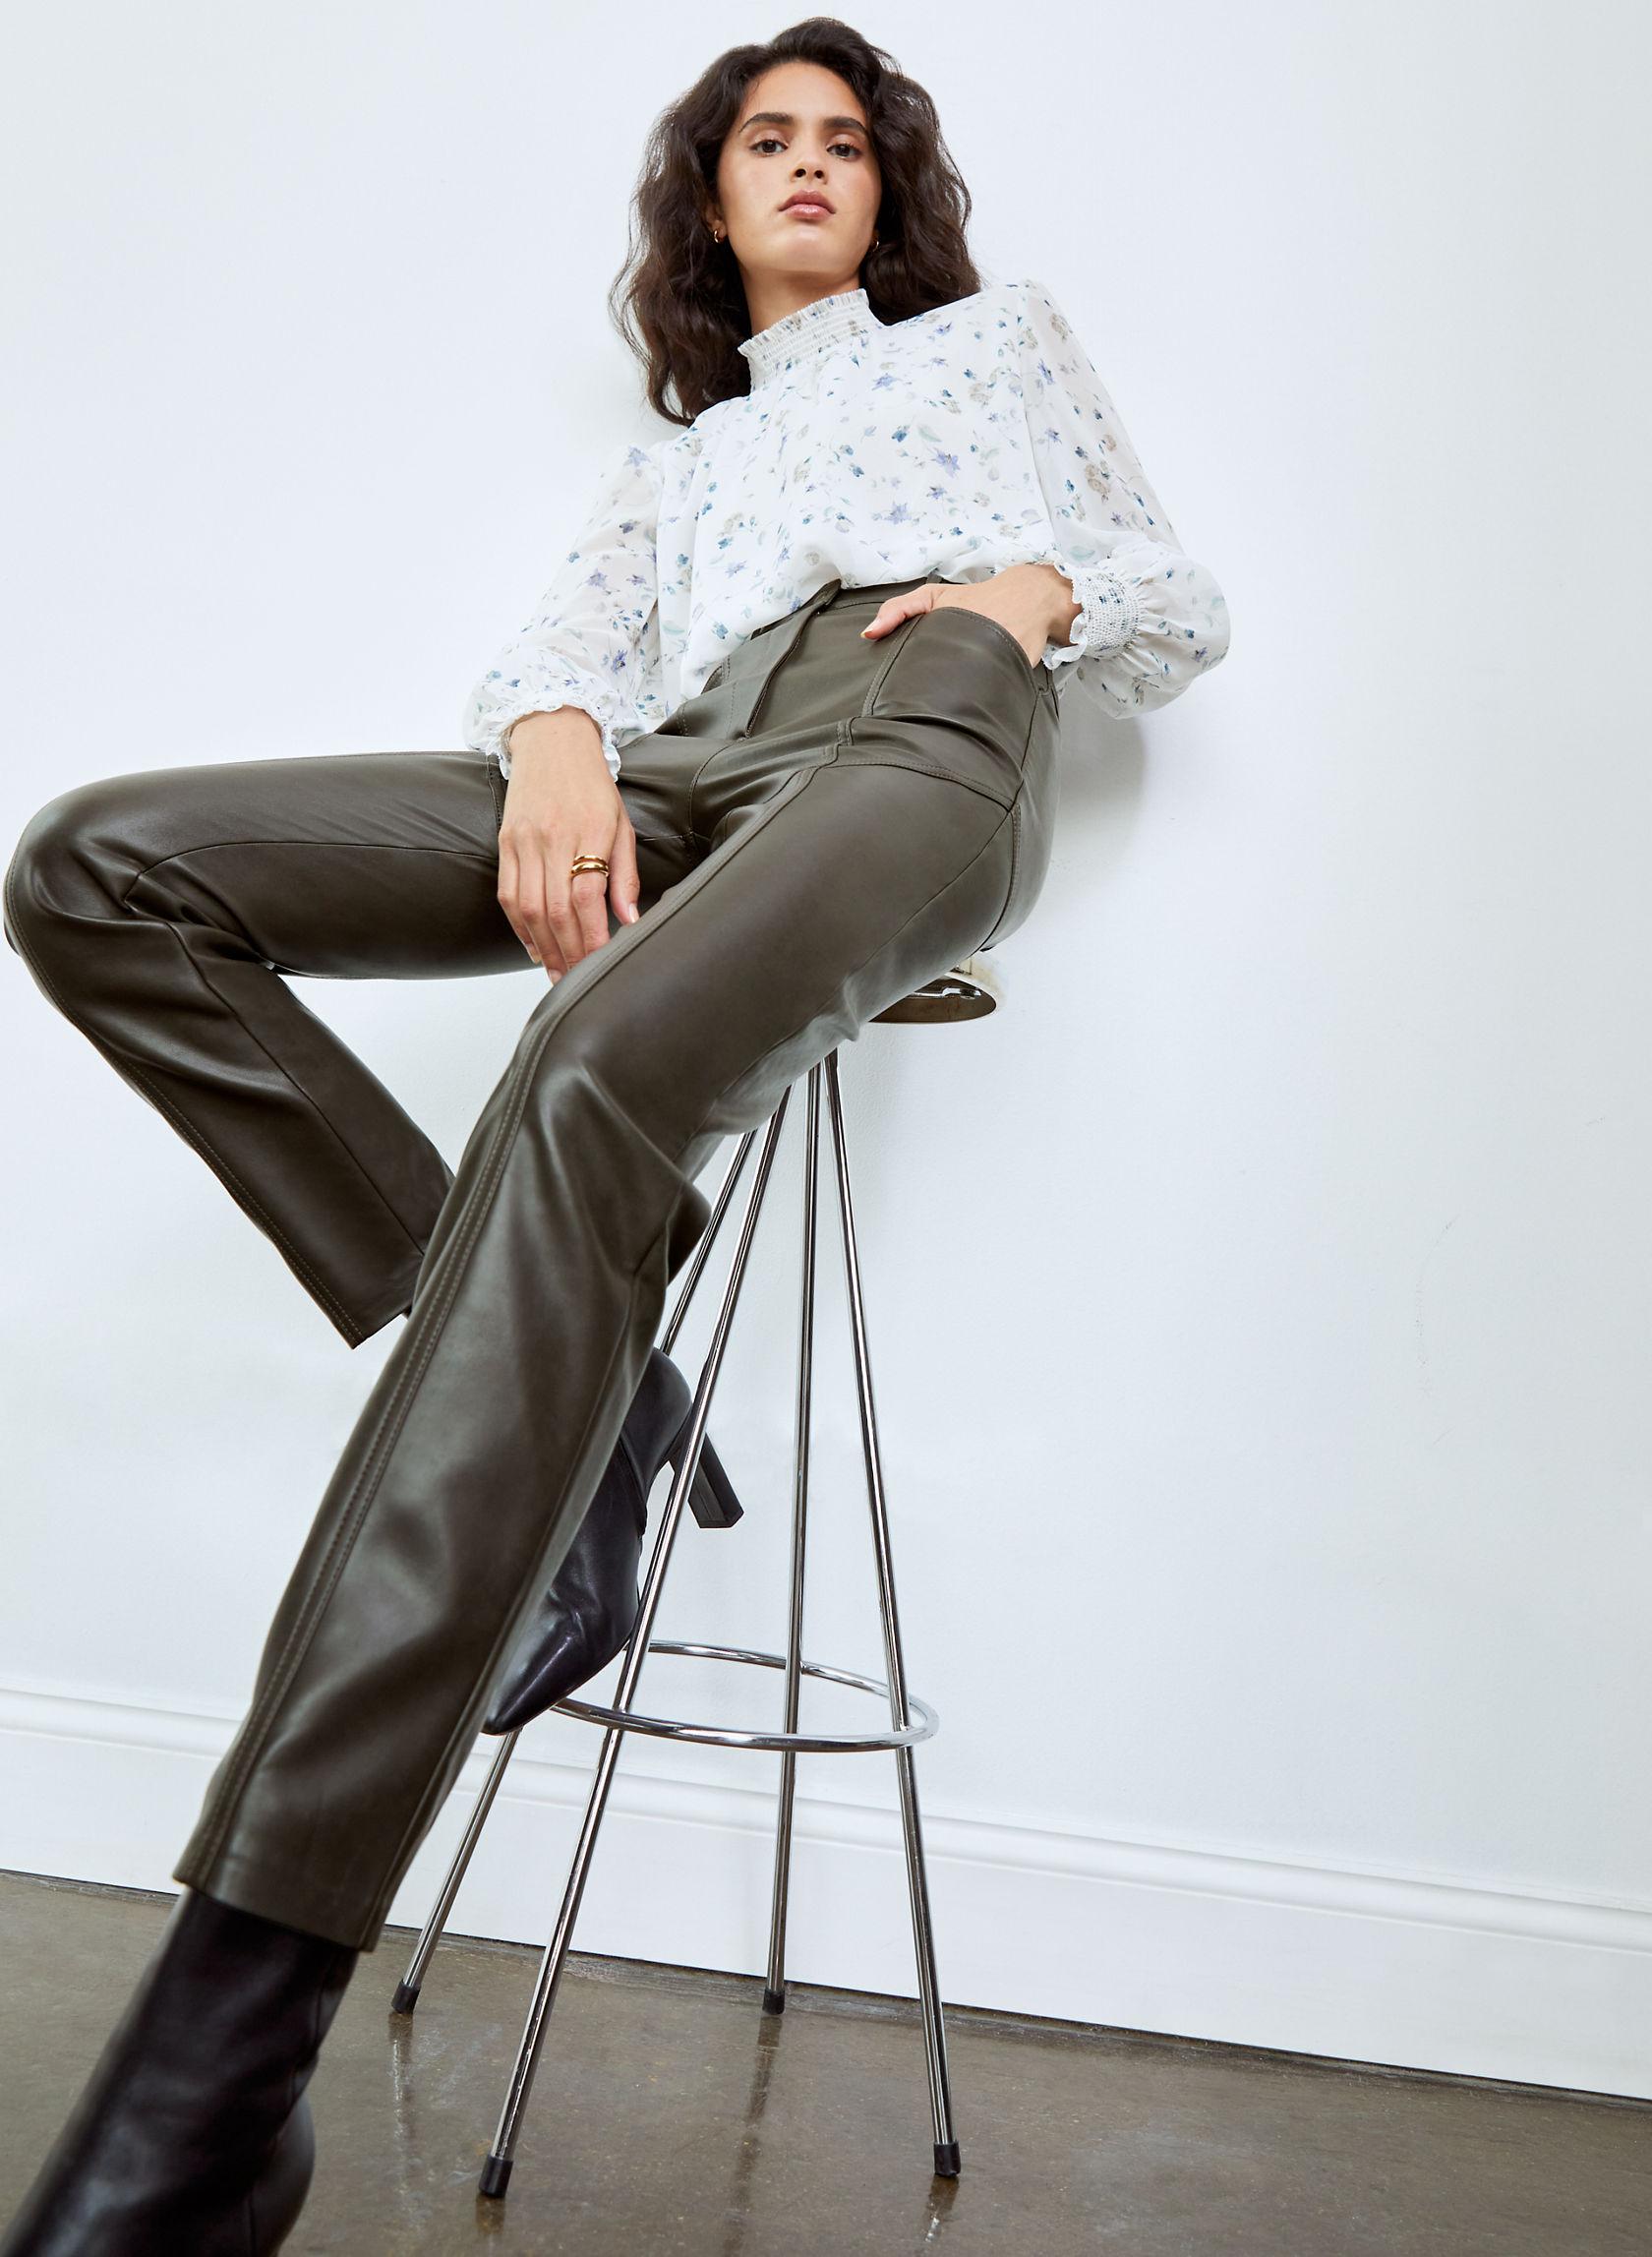 STYLECASTER |  Marcas de moda TikTok mais apreciadas